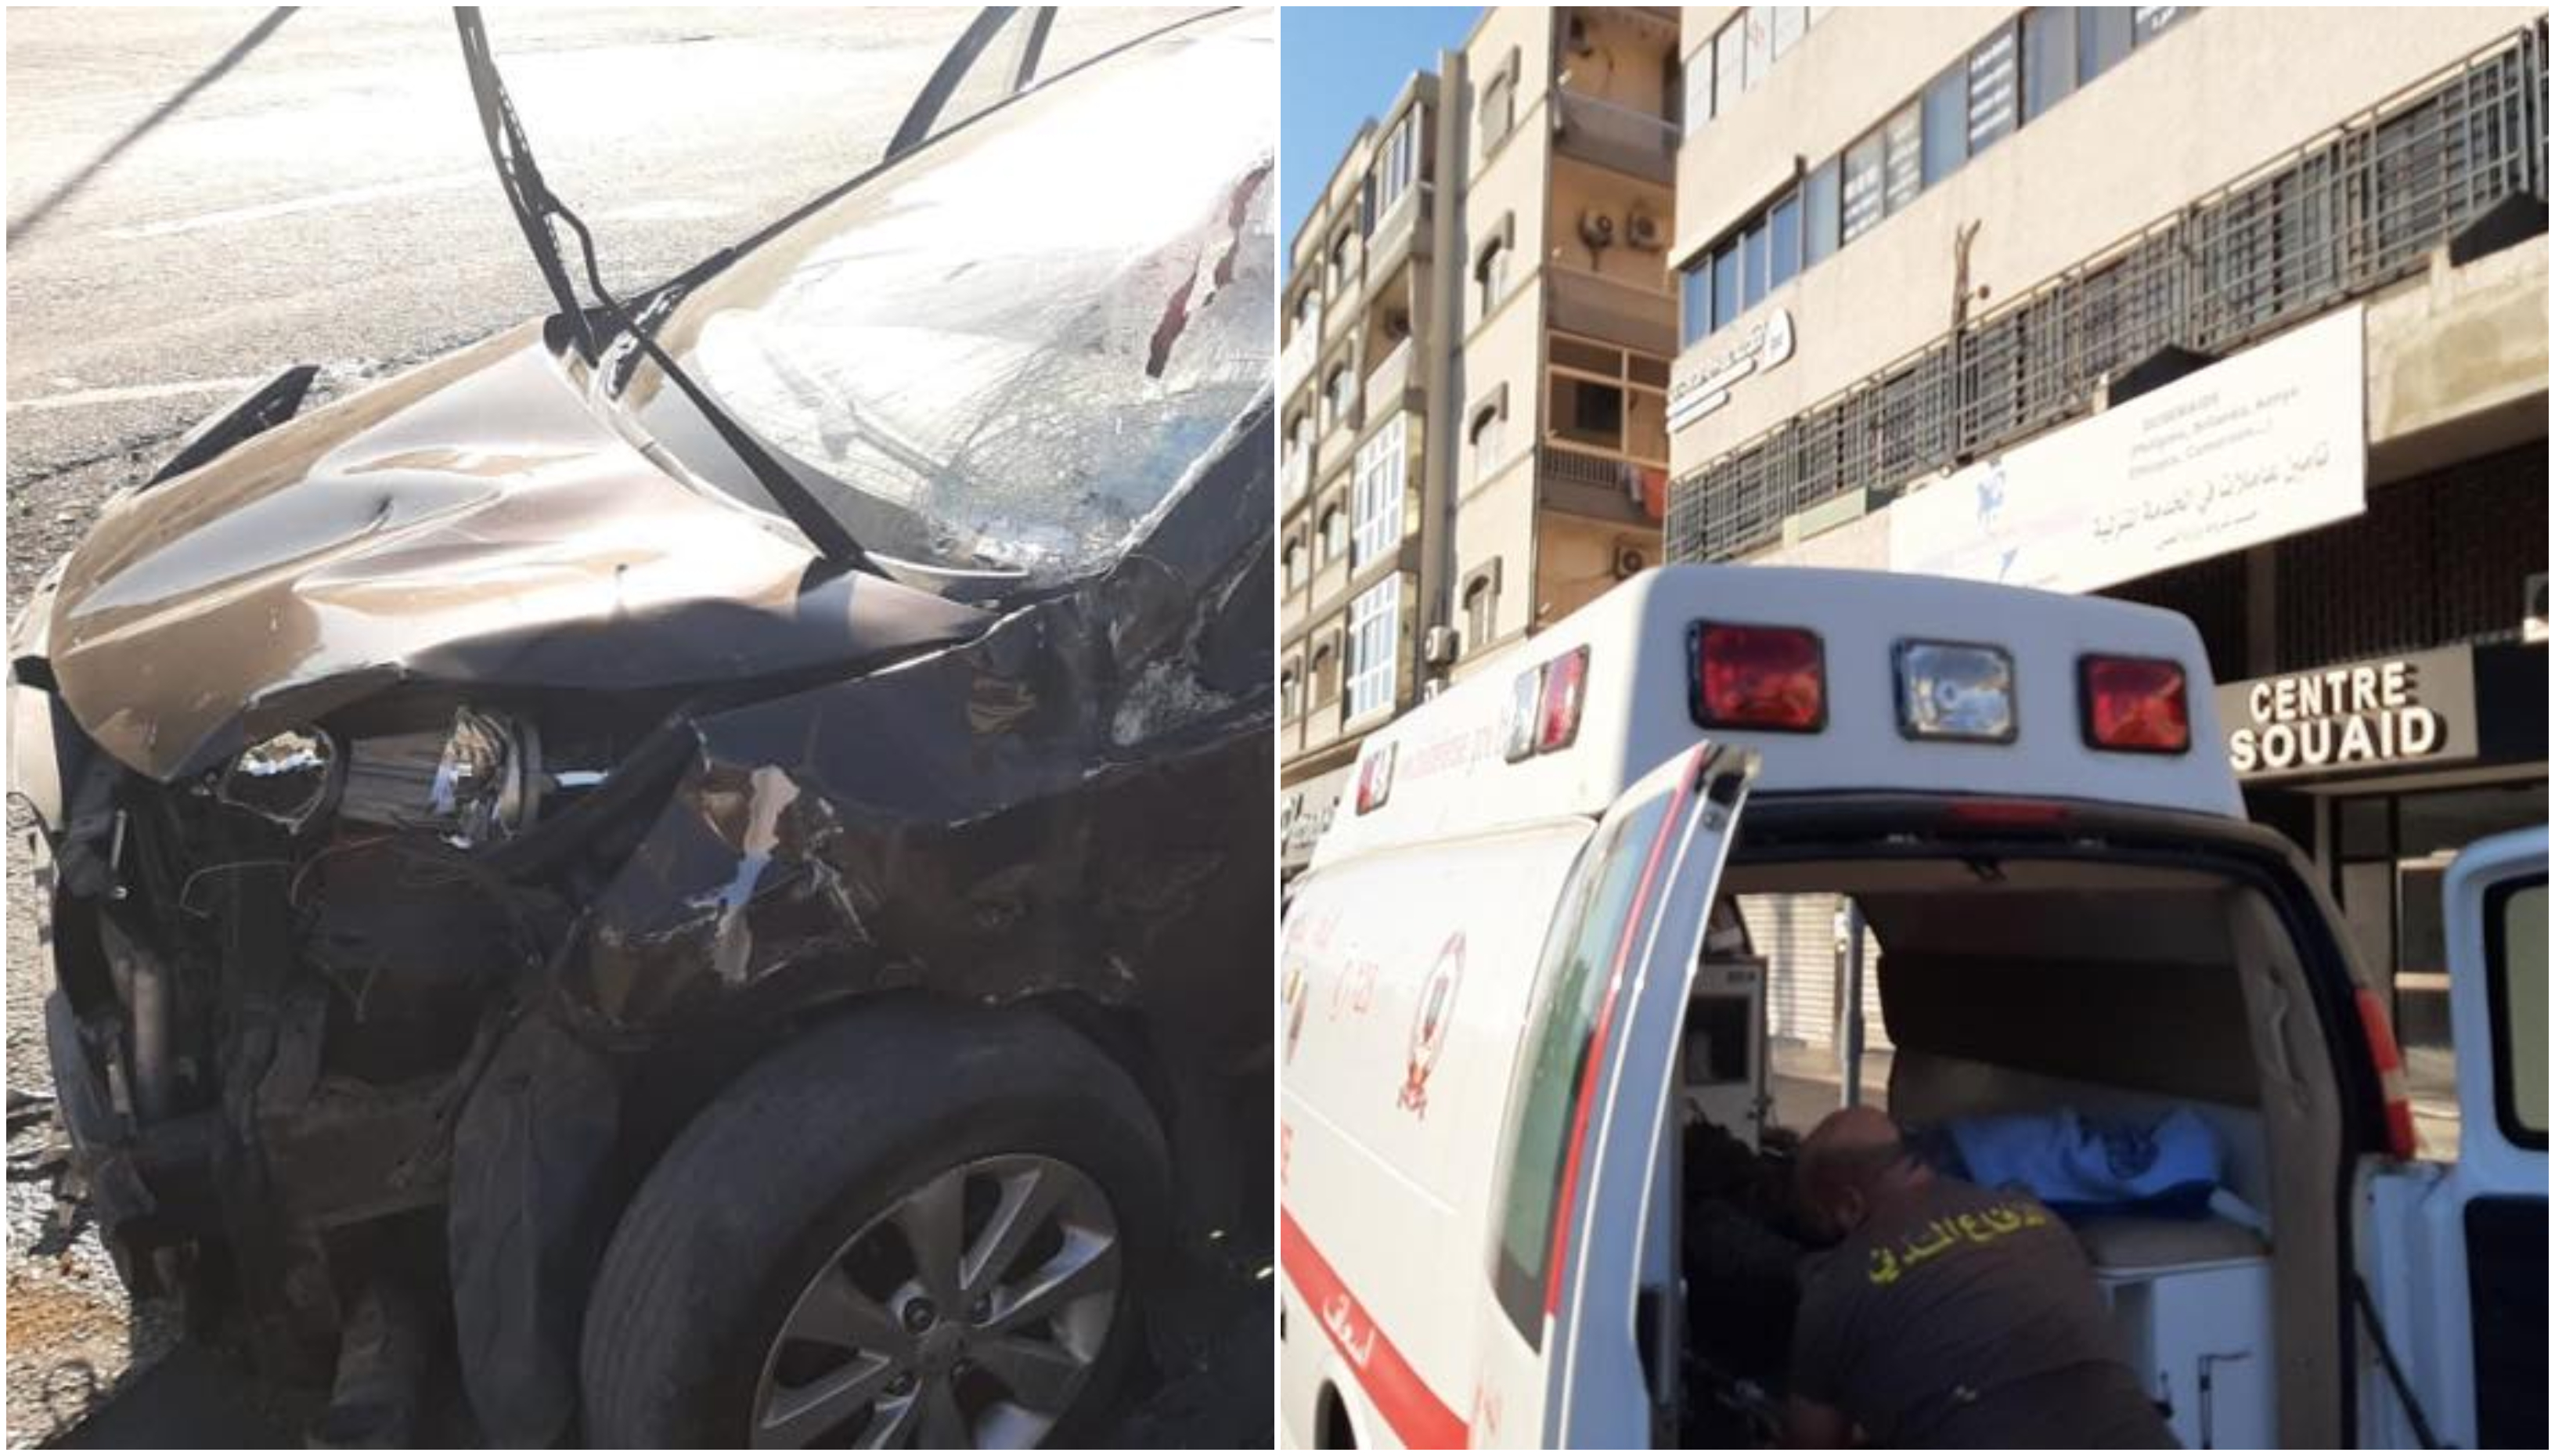 بالصور/ 18 جريح بينهم أطفال بحادث اصطدام في جبيل...استُعملت معدات الانقاذ الهيدروليكية بسبب قوة الحادث